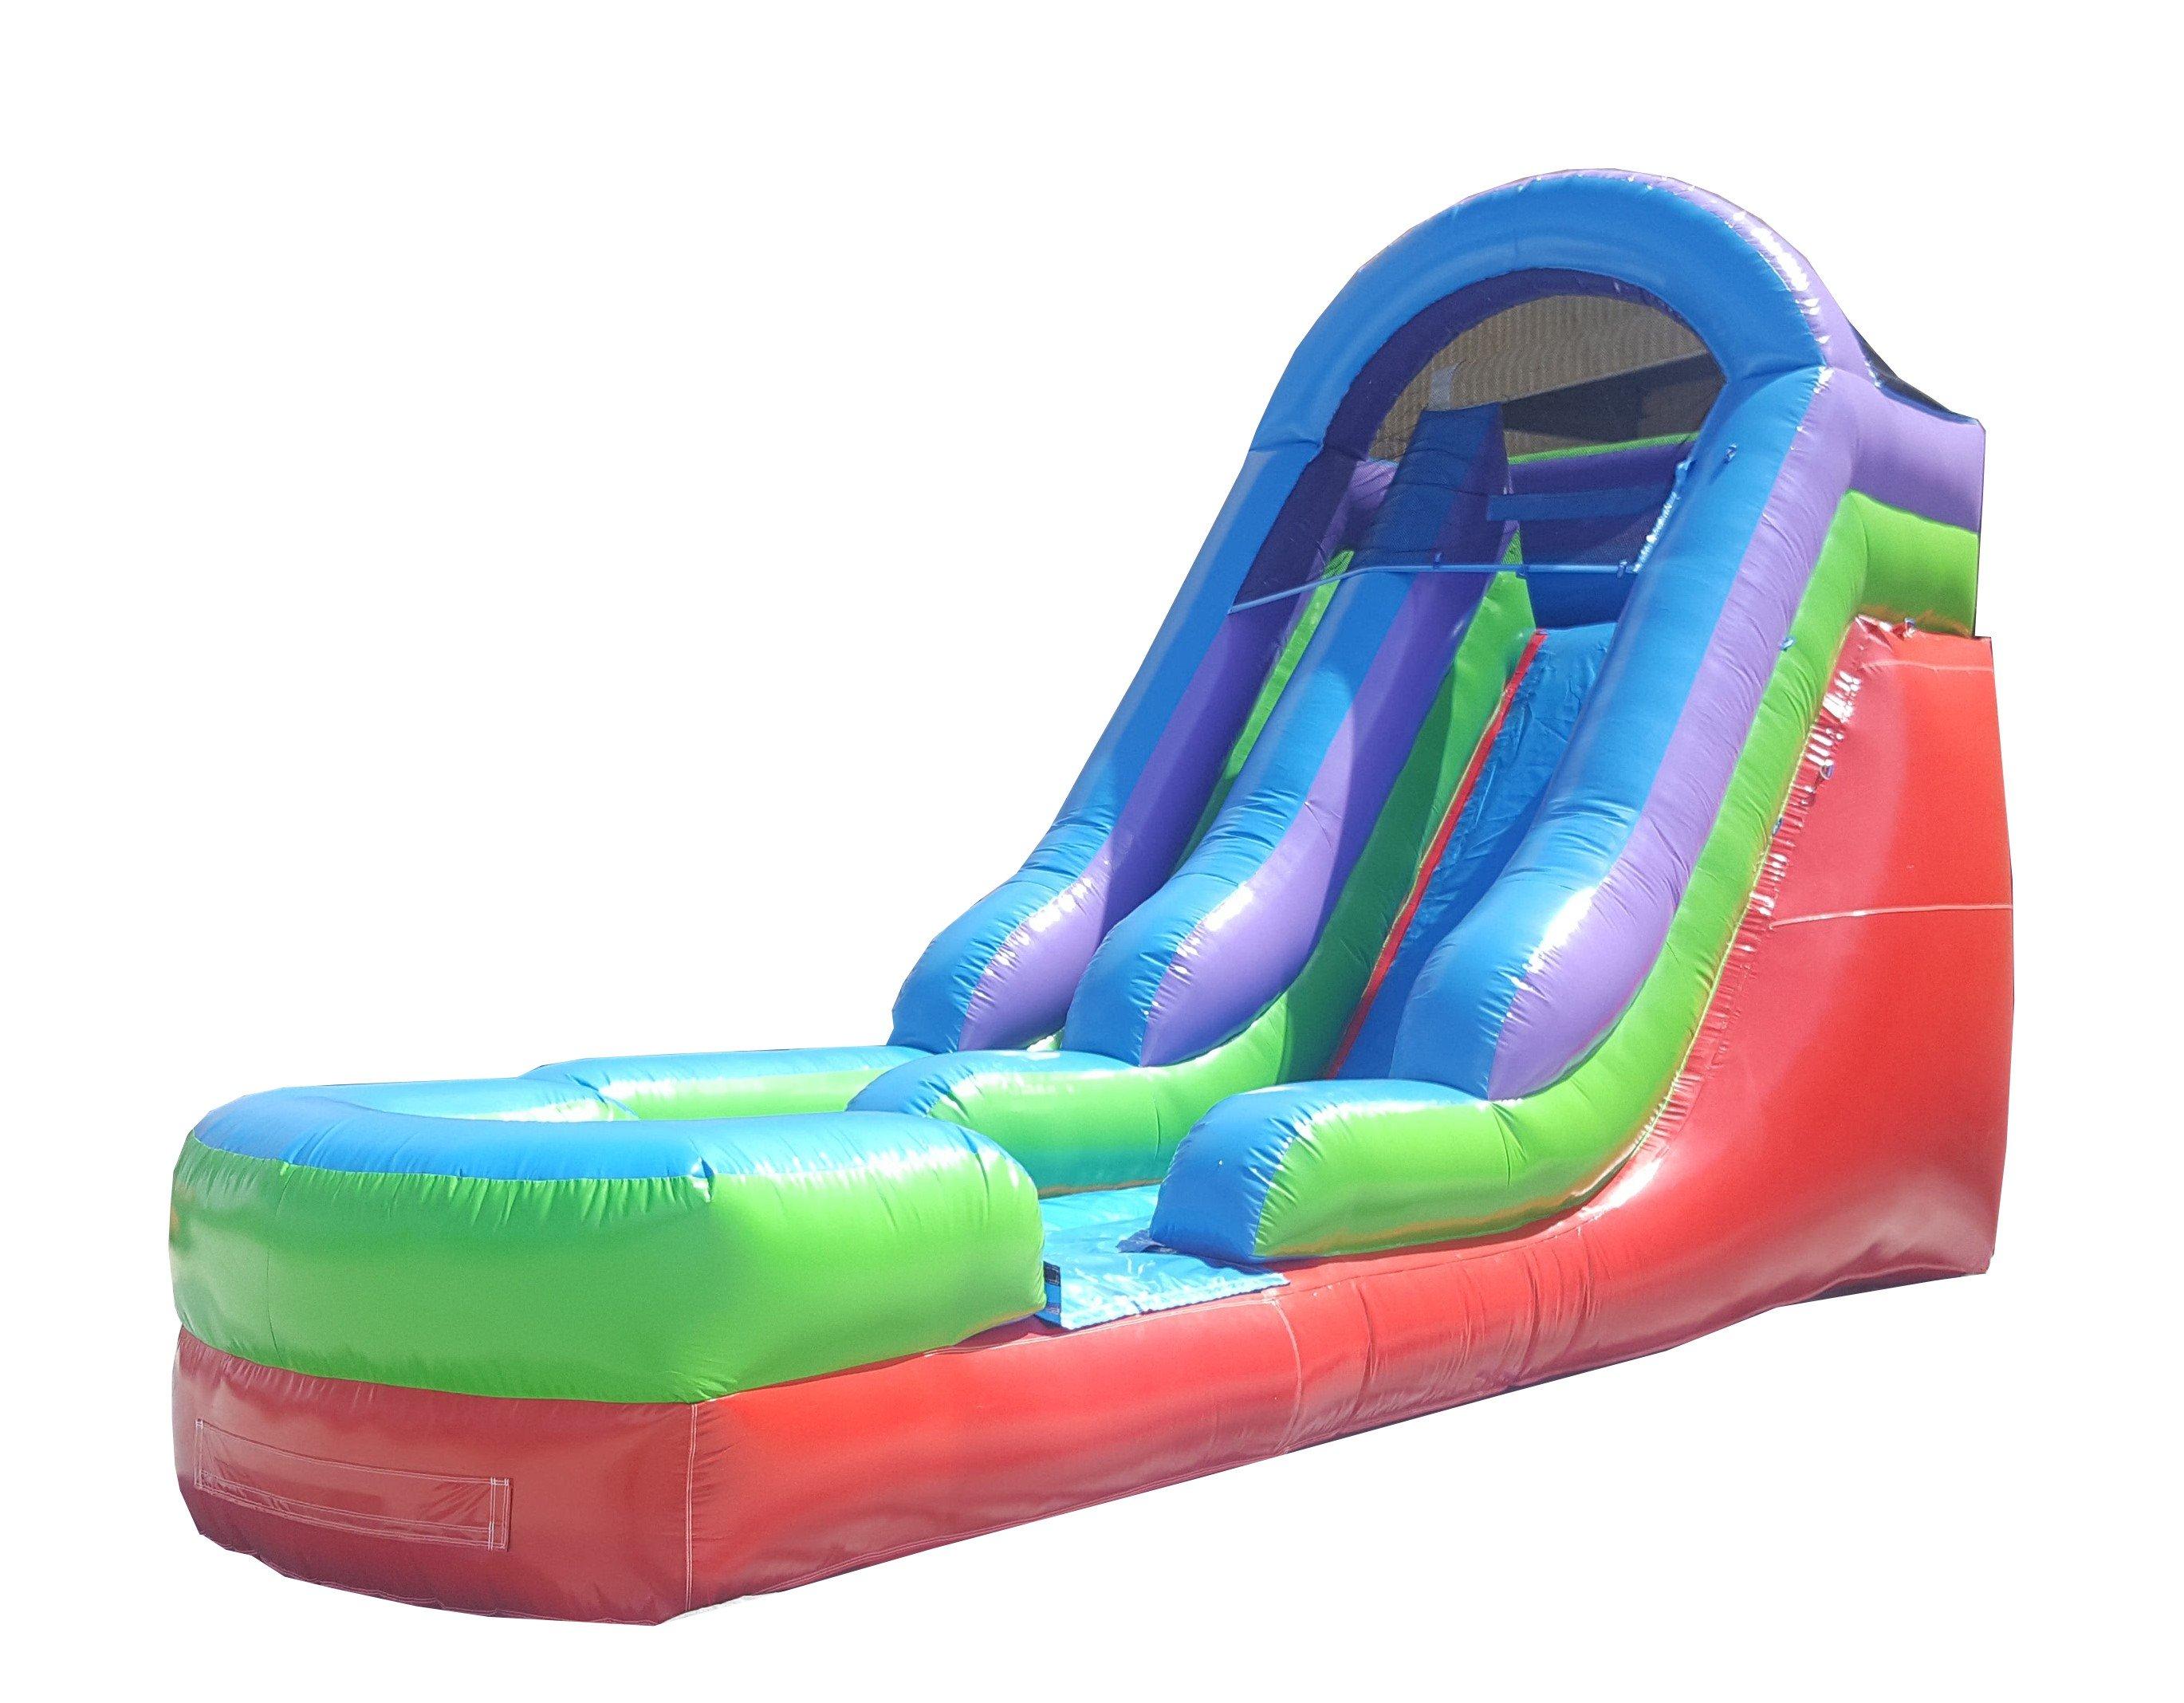 Pogo 15' Retro Rainbow Monster Wet or Dry Slide